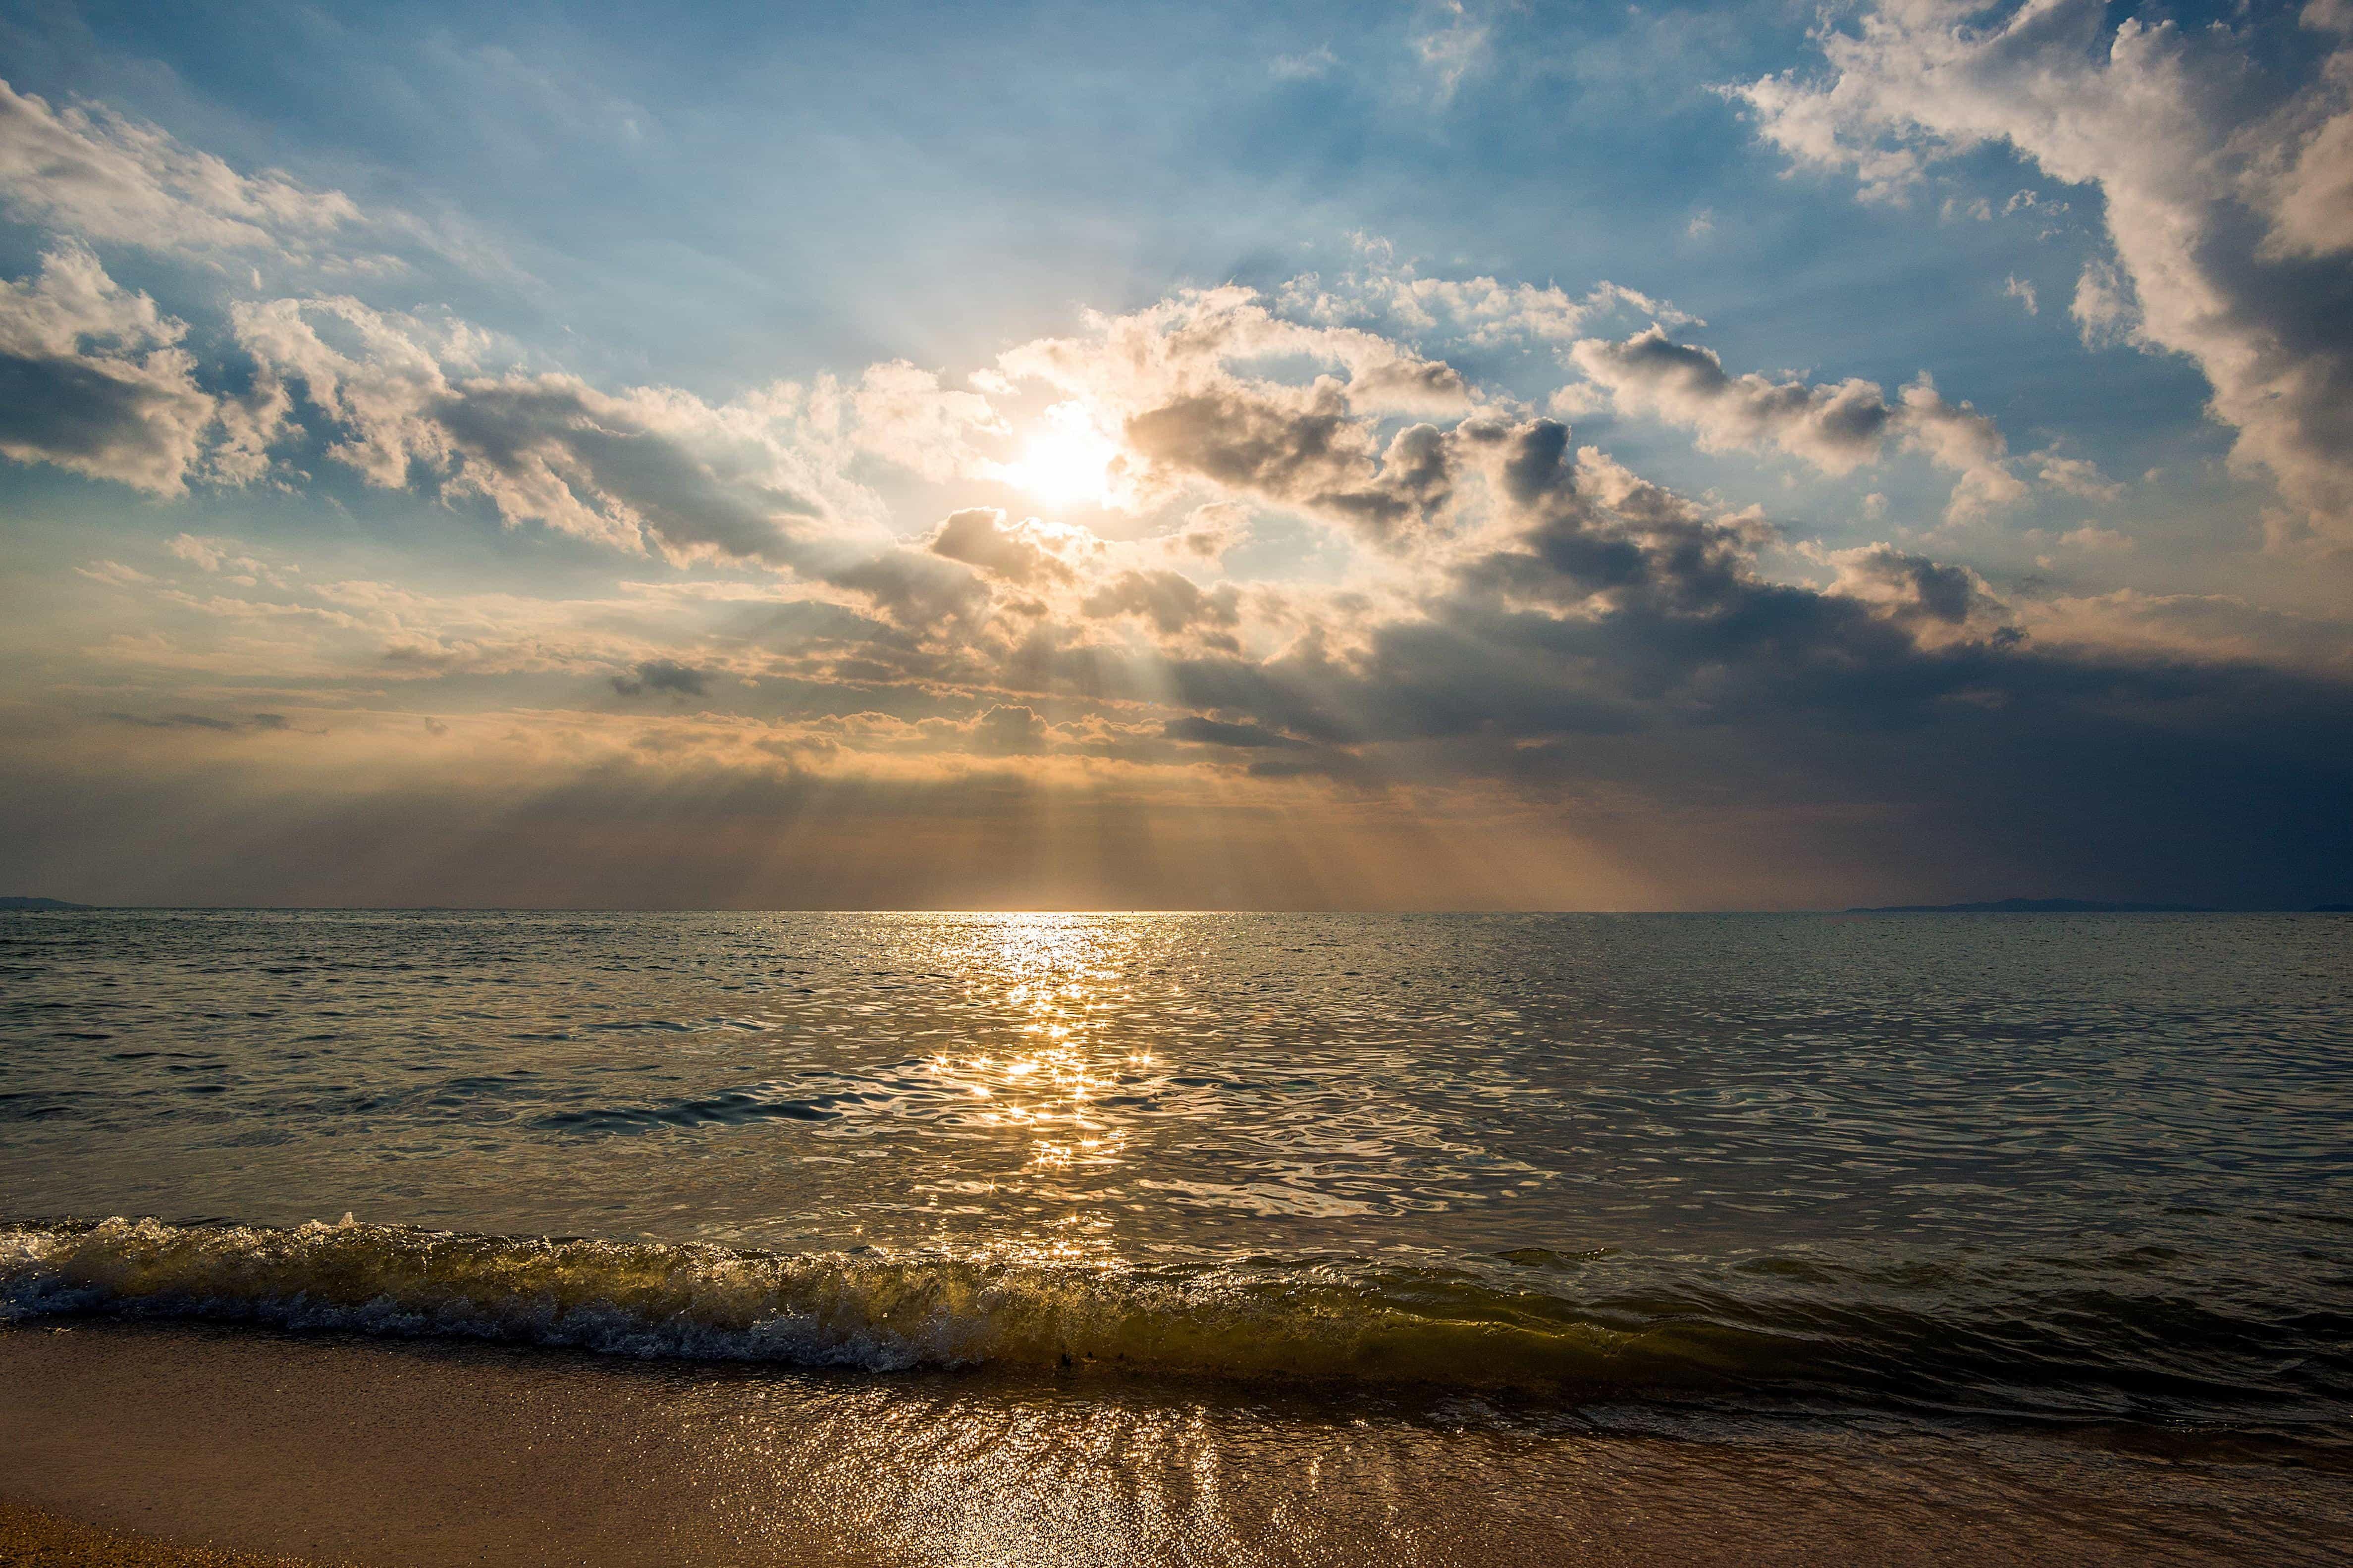 Imagen gratis: luz solar, sol, nube, Pacífico, agua, playa